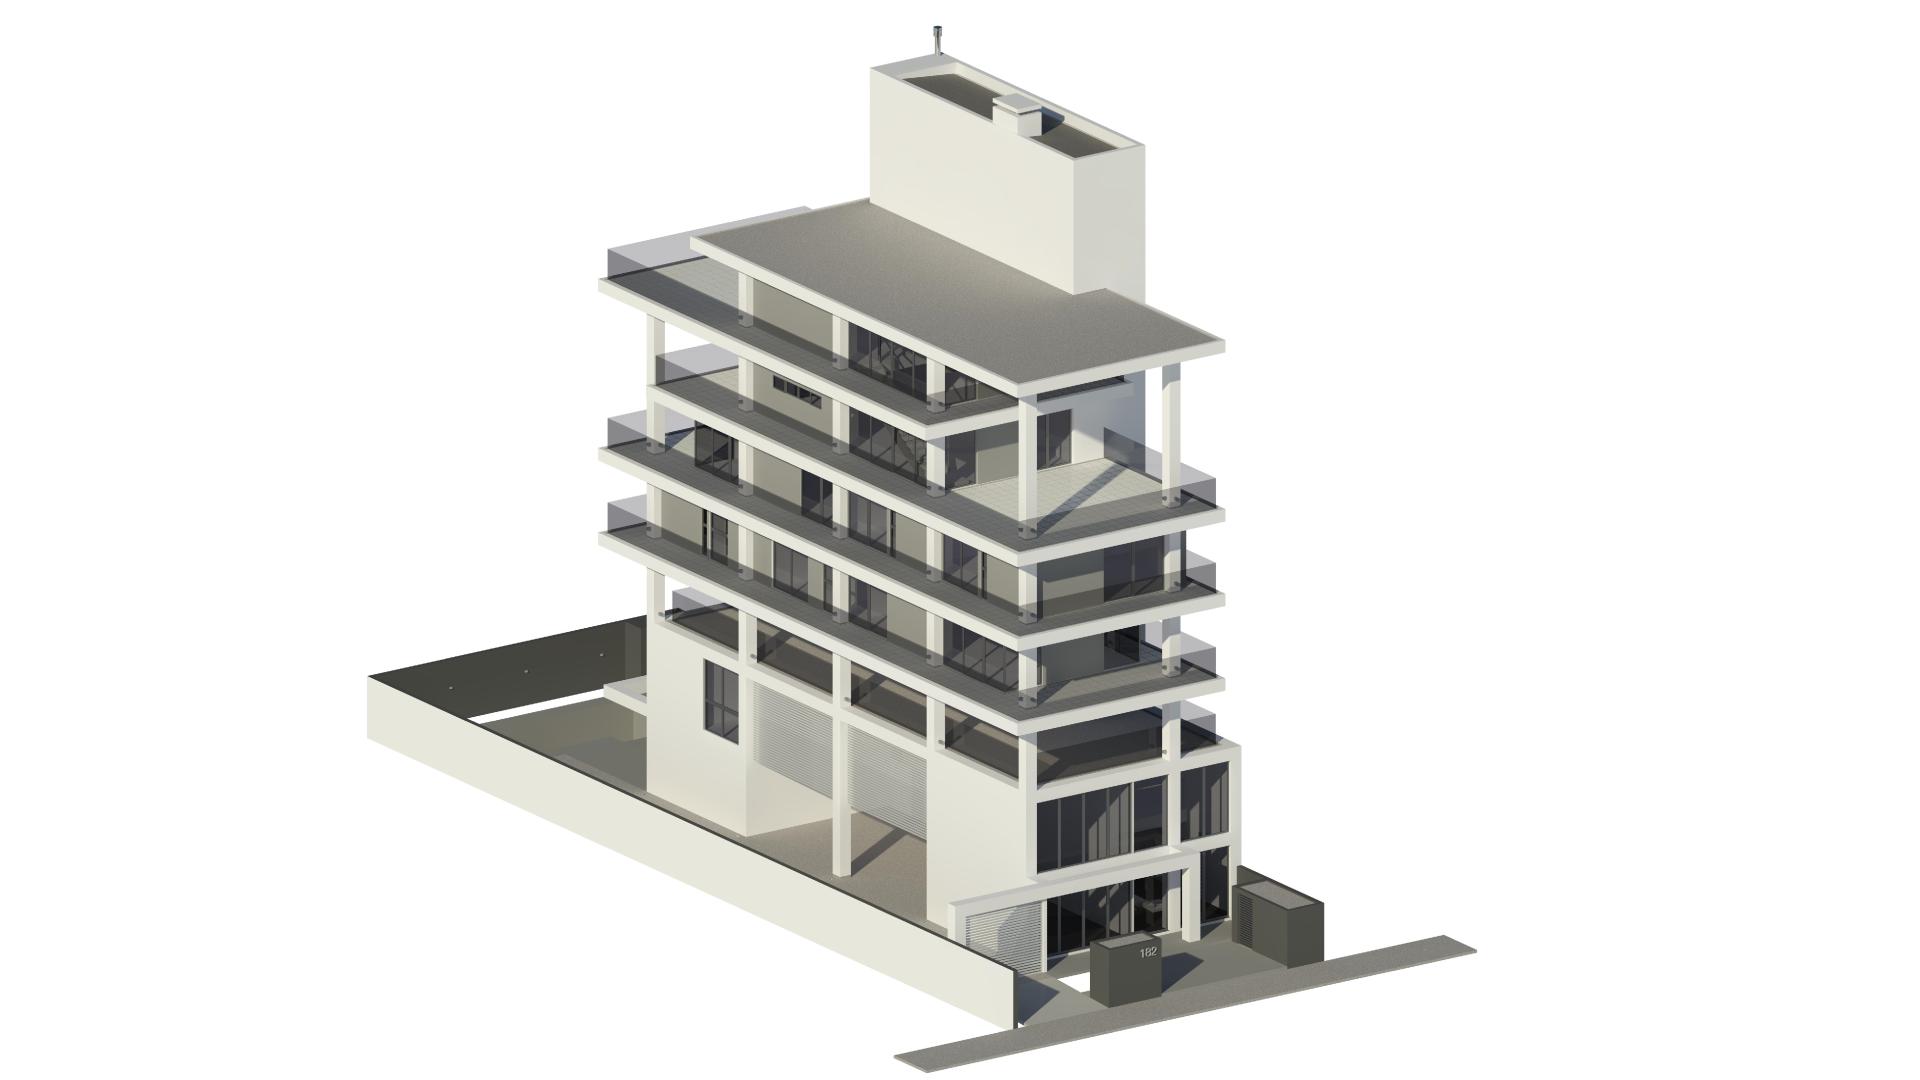 Excepcional Projetos integrados - Edifício AS - Galeria de Projetos AltoQi BK79